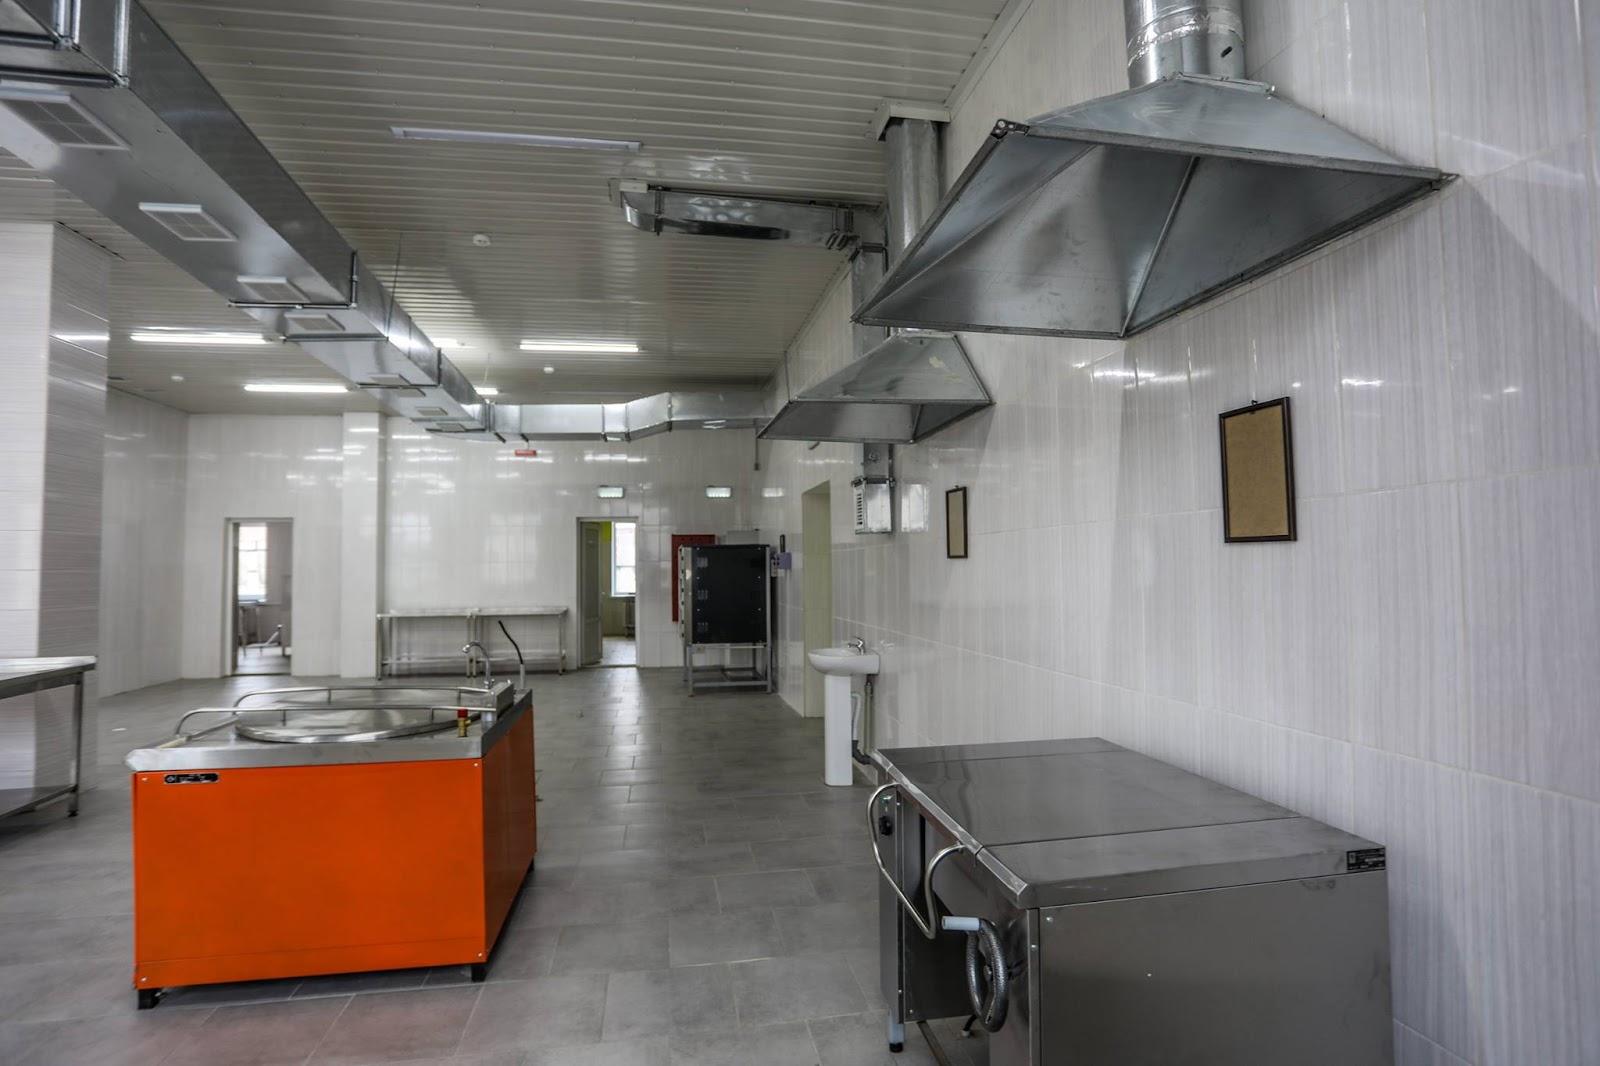 нове обладнання для військових кухонь